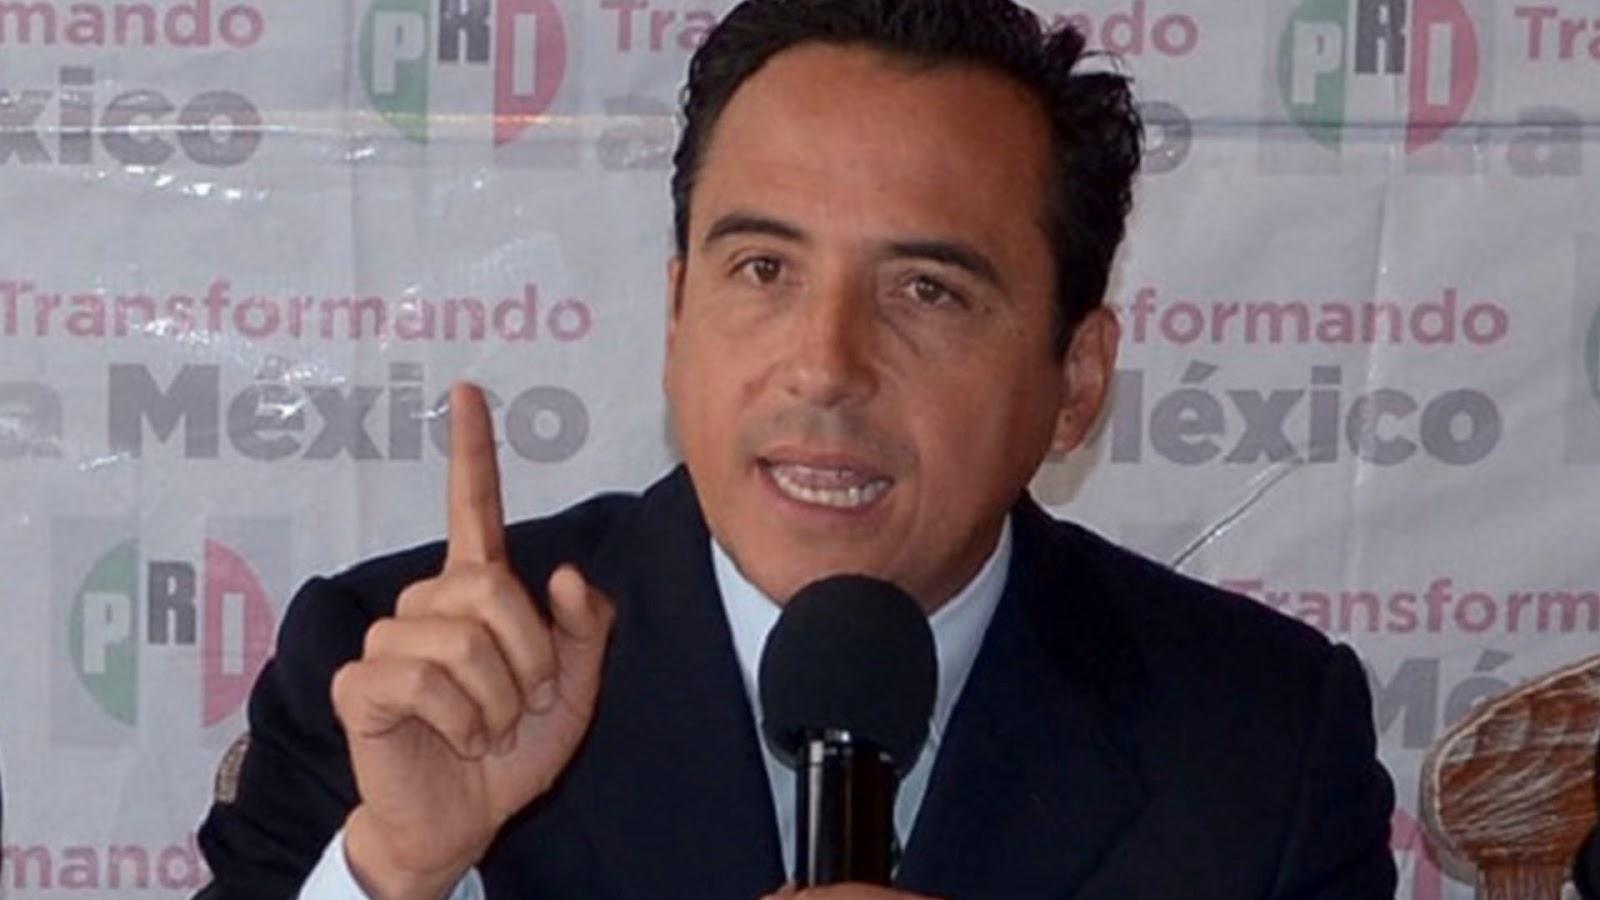 """Diputado del PRI en Puebla: a asaltados en camiones sólo """"les quitan baratijas y unos cuantos pesos""""(VÍDEO)"""